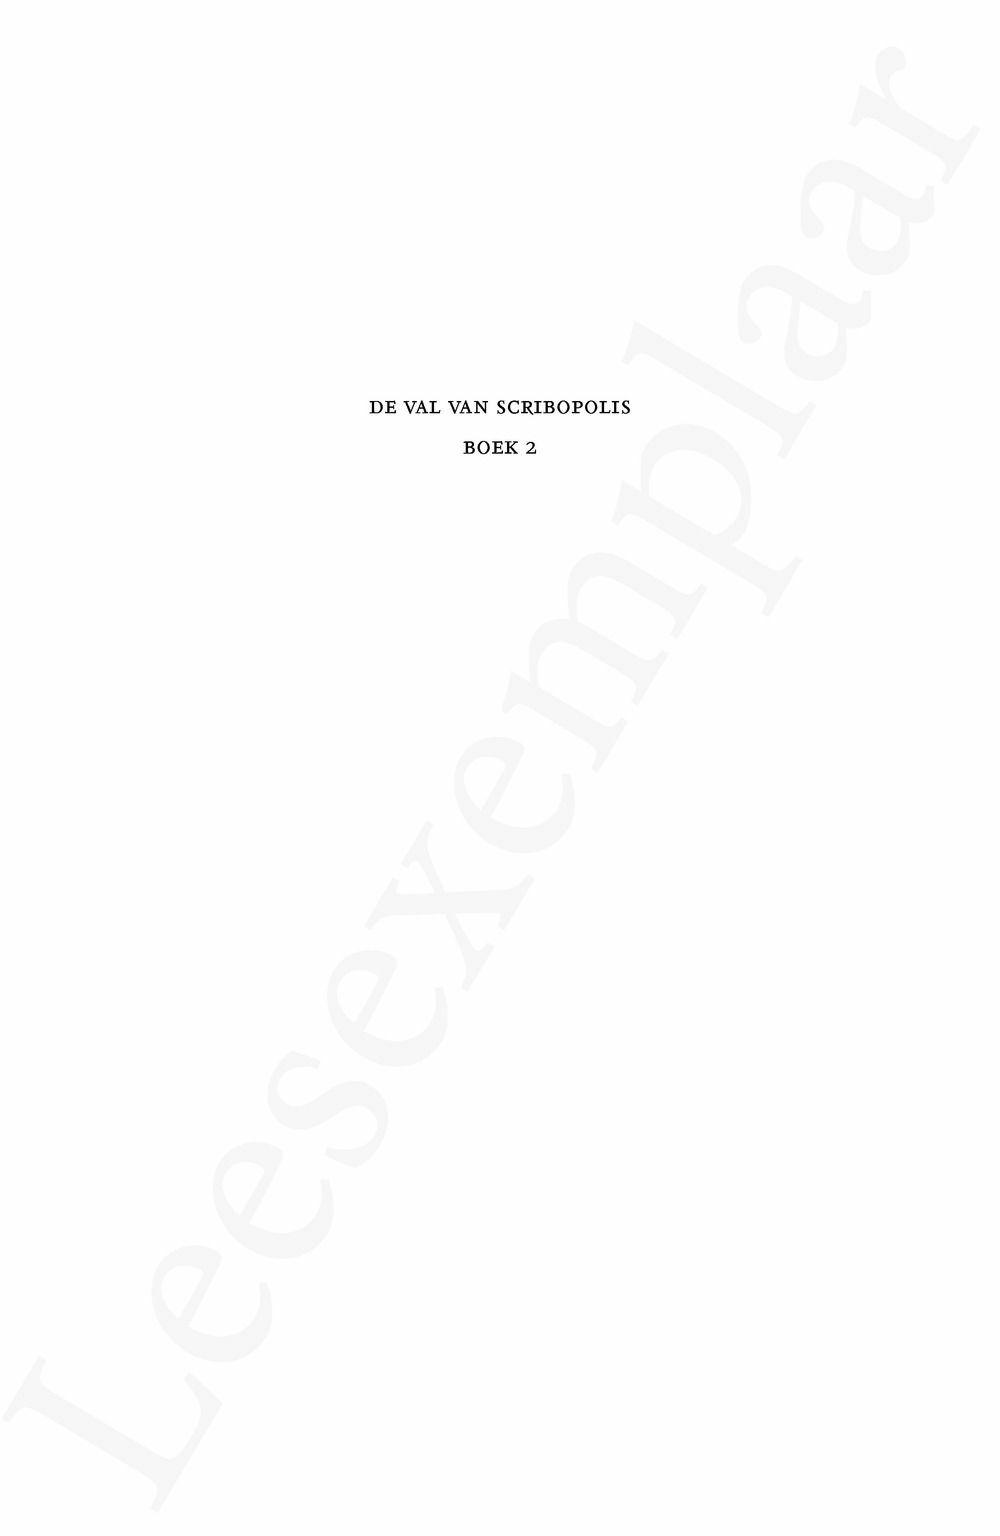 Preview: De kleine Odessa IV: De val van Scribopolis - Boek 2